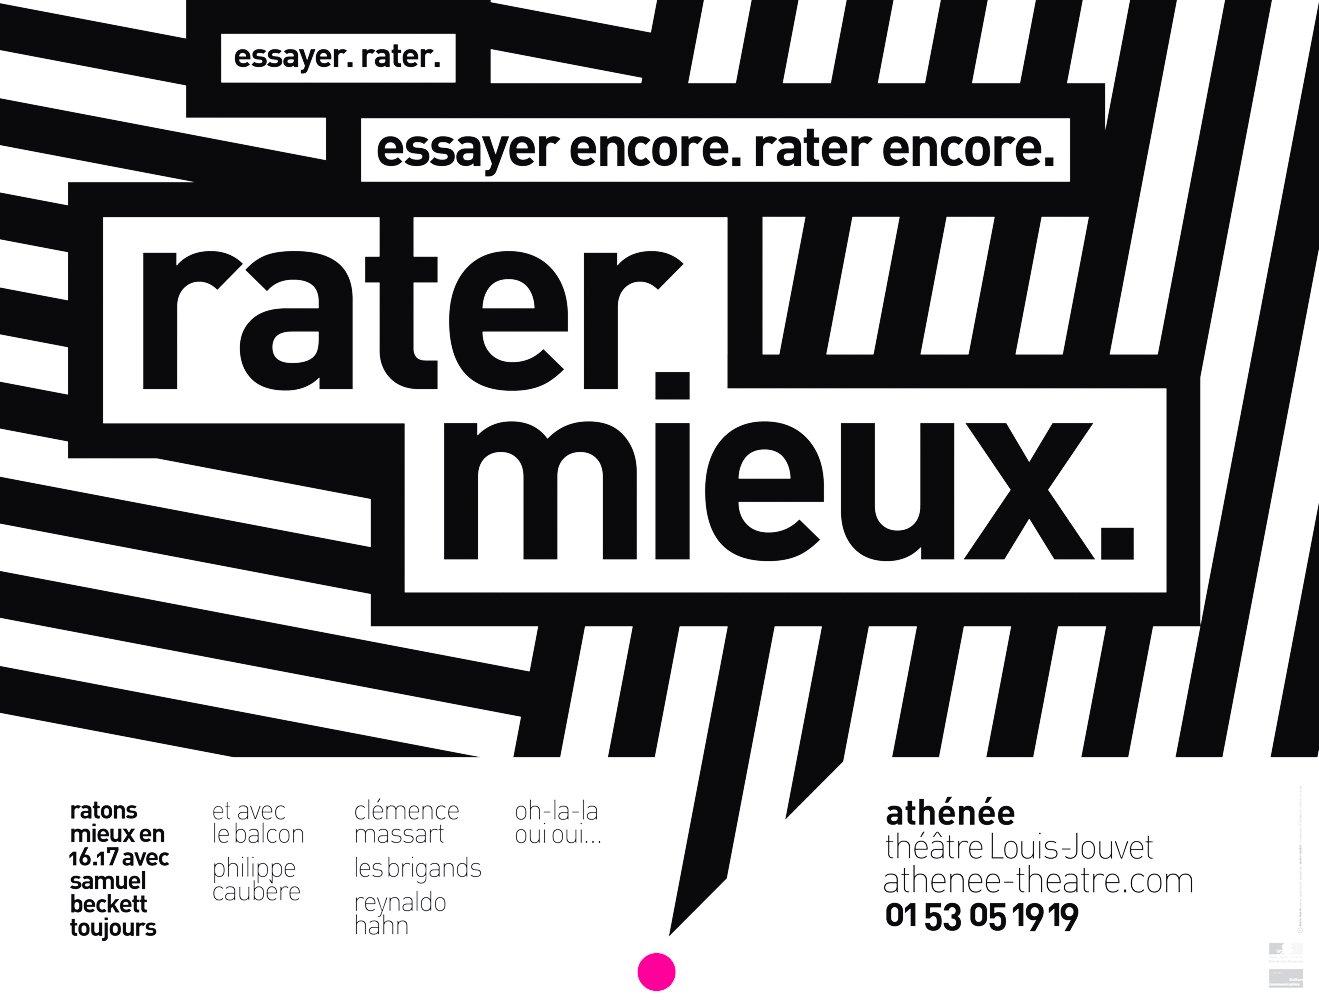 Image of Théâtre de l'Athénée - poster #2